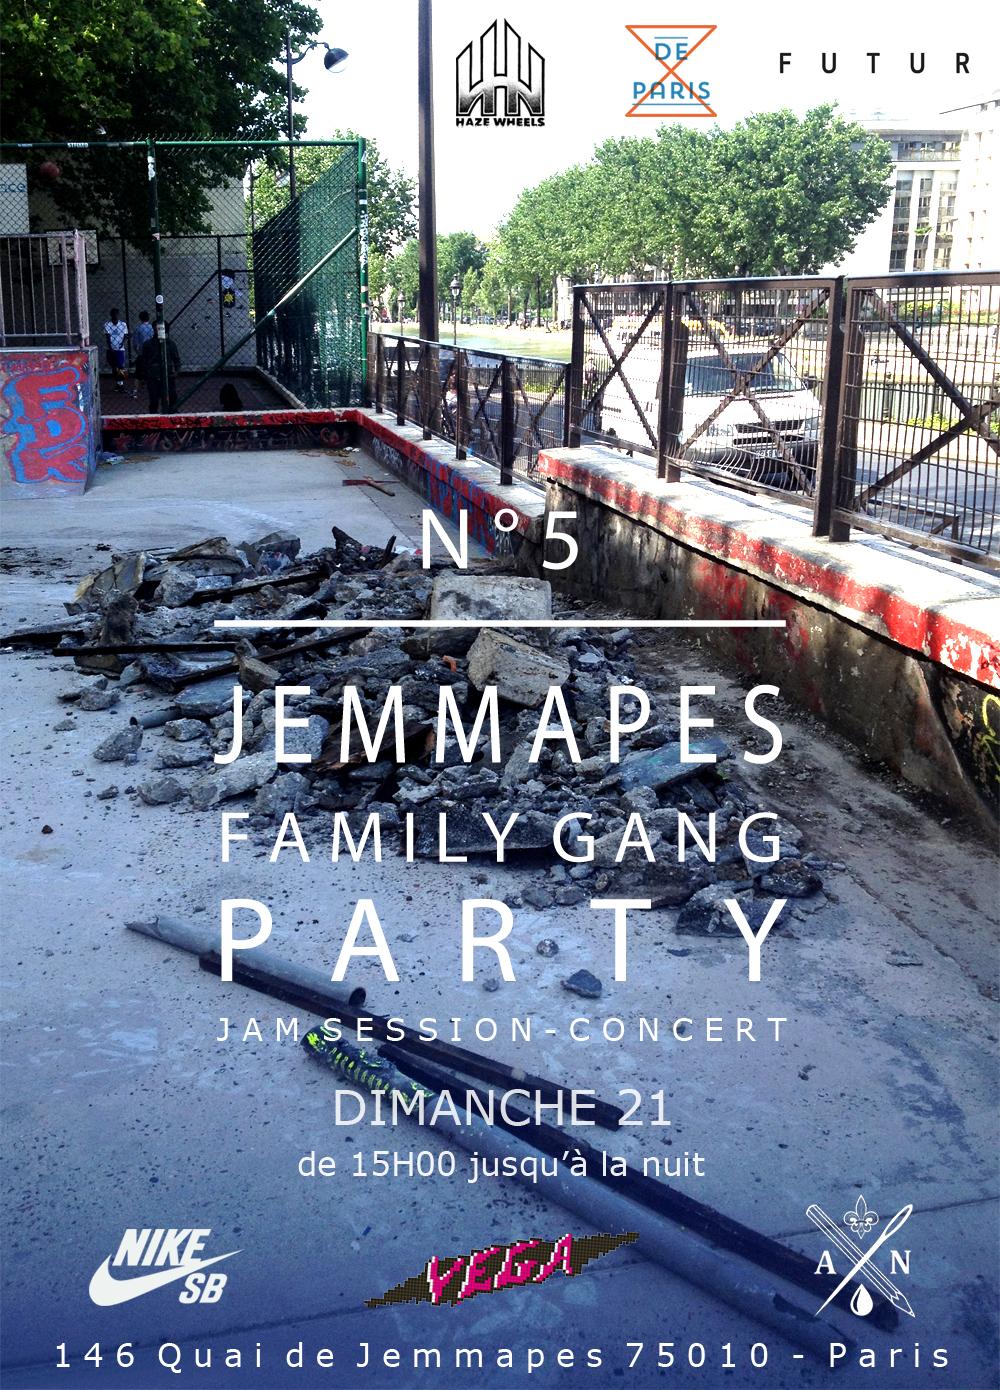 Def-jemmapes-2015